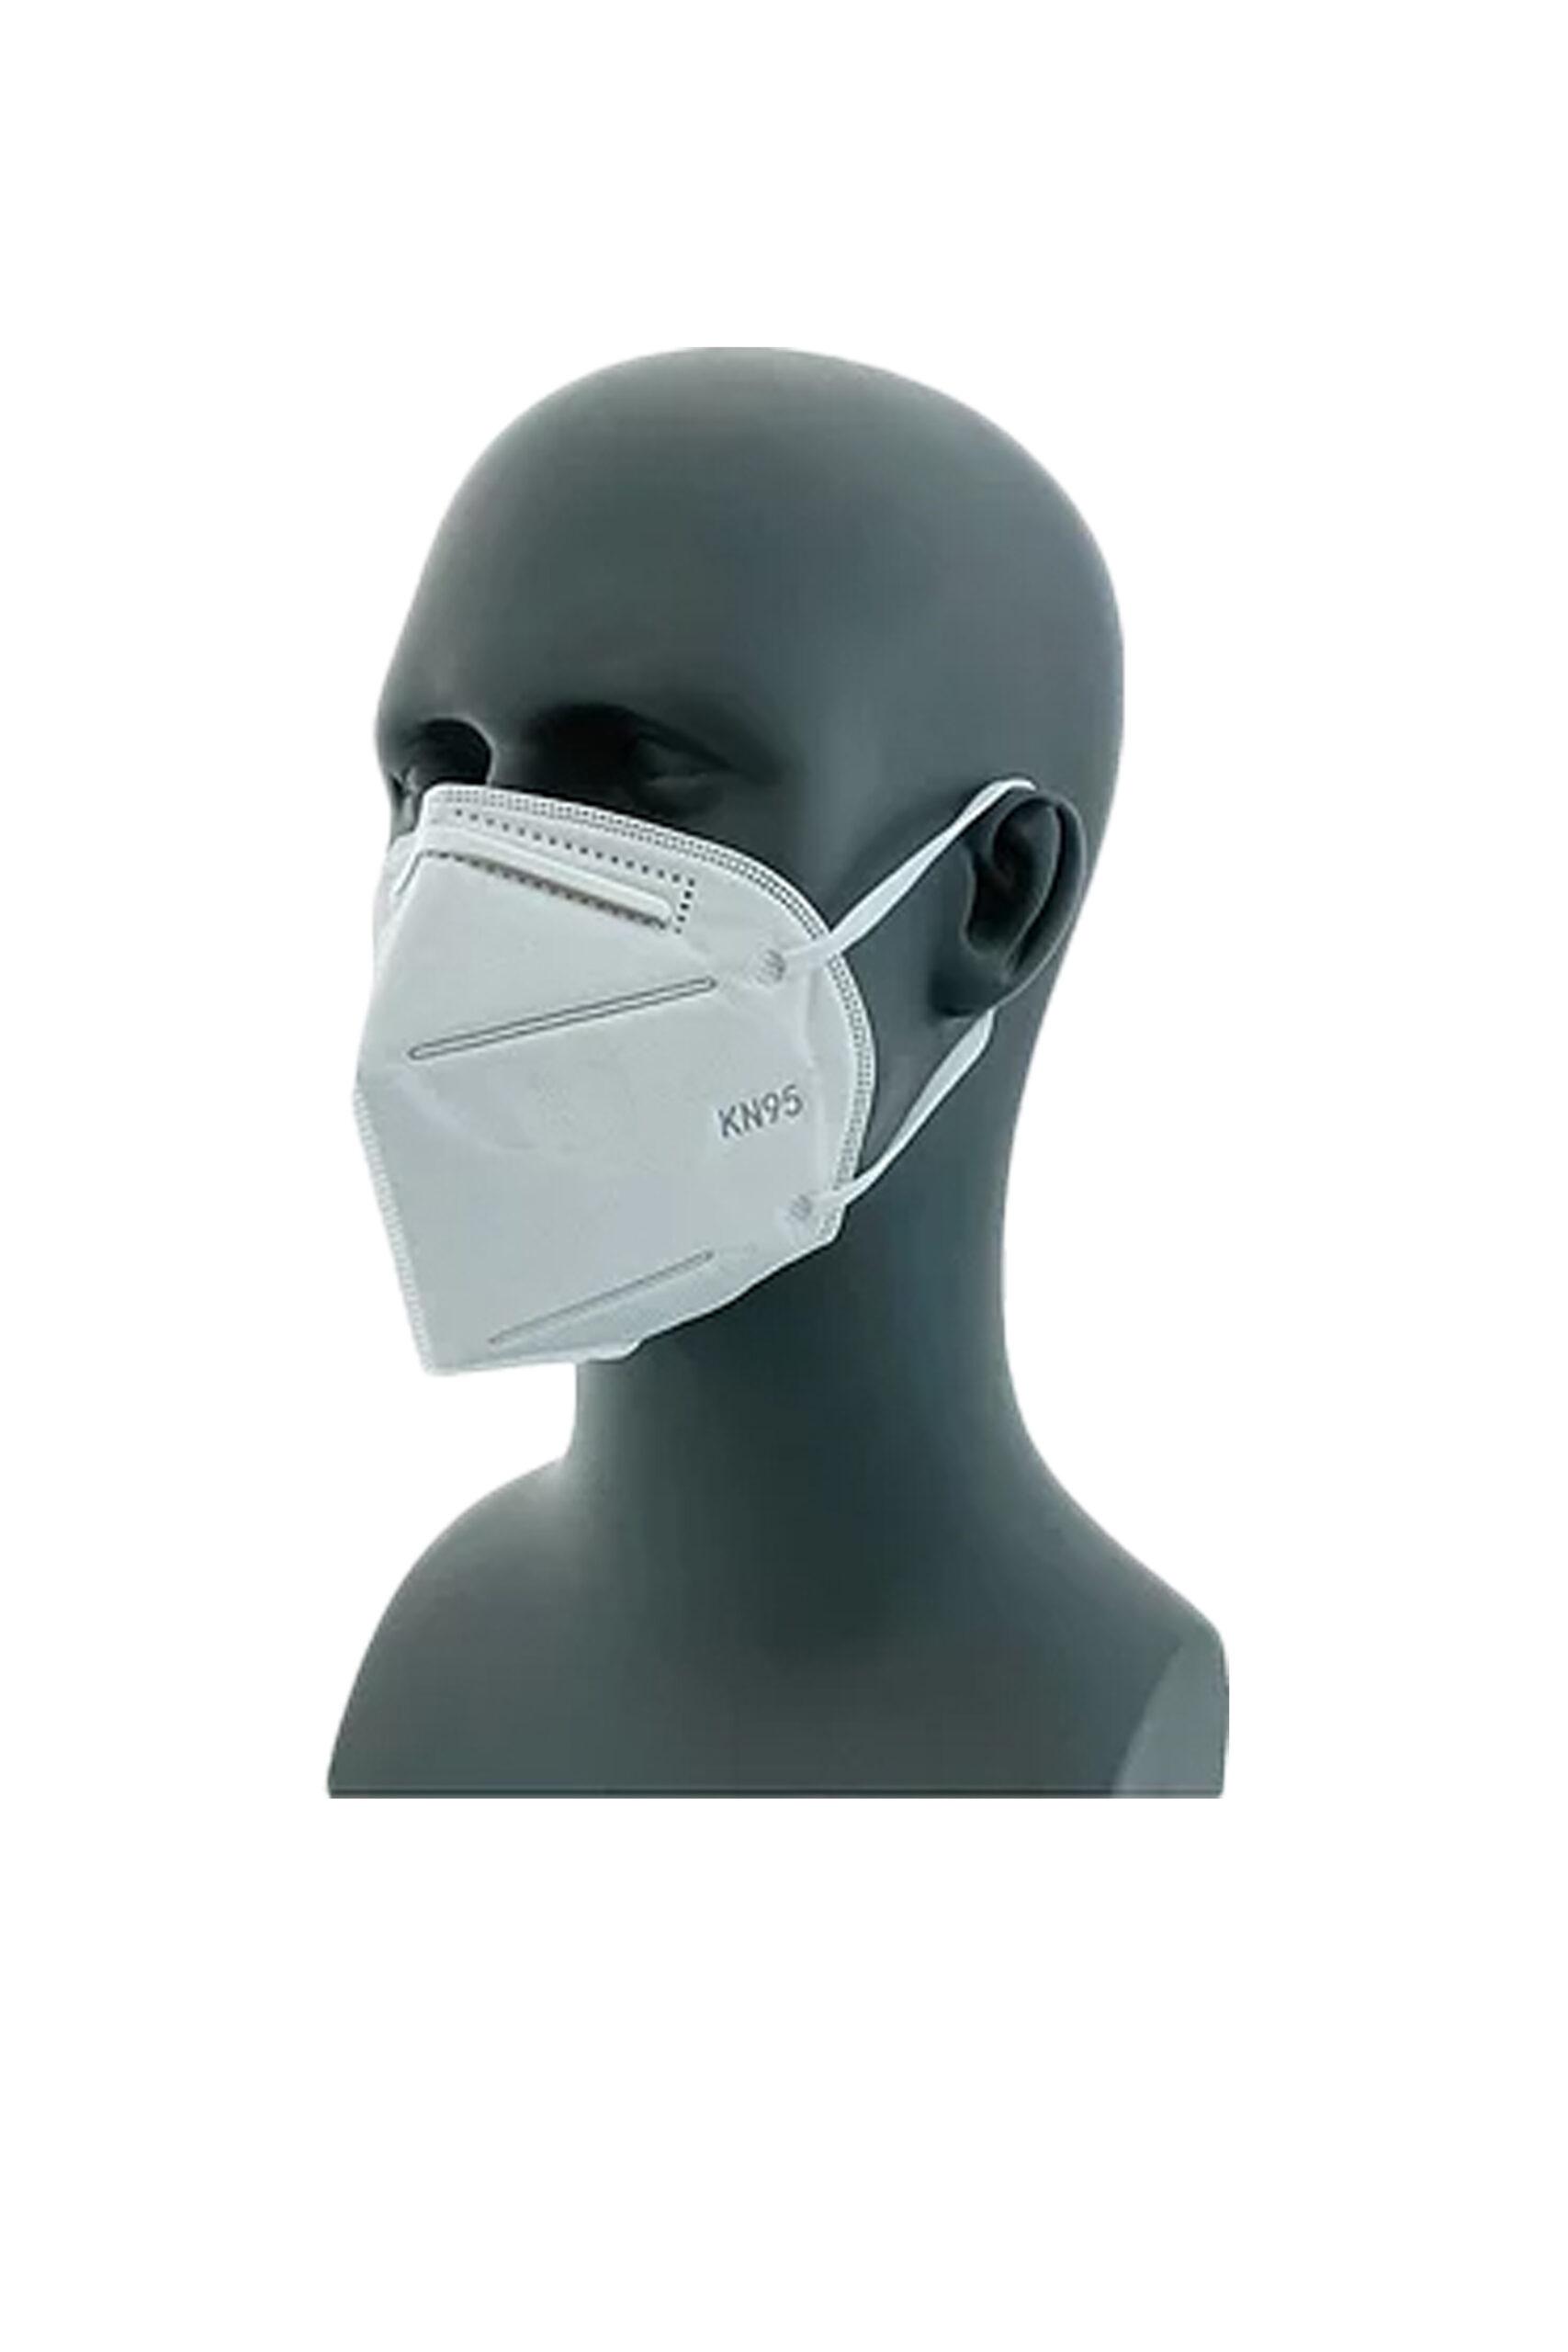 88210kn-kn95-disposable-respirator-face-mask